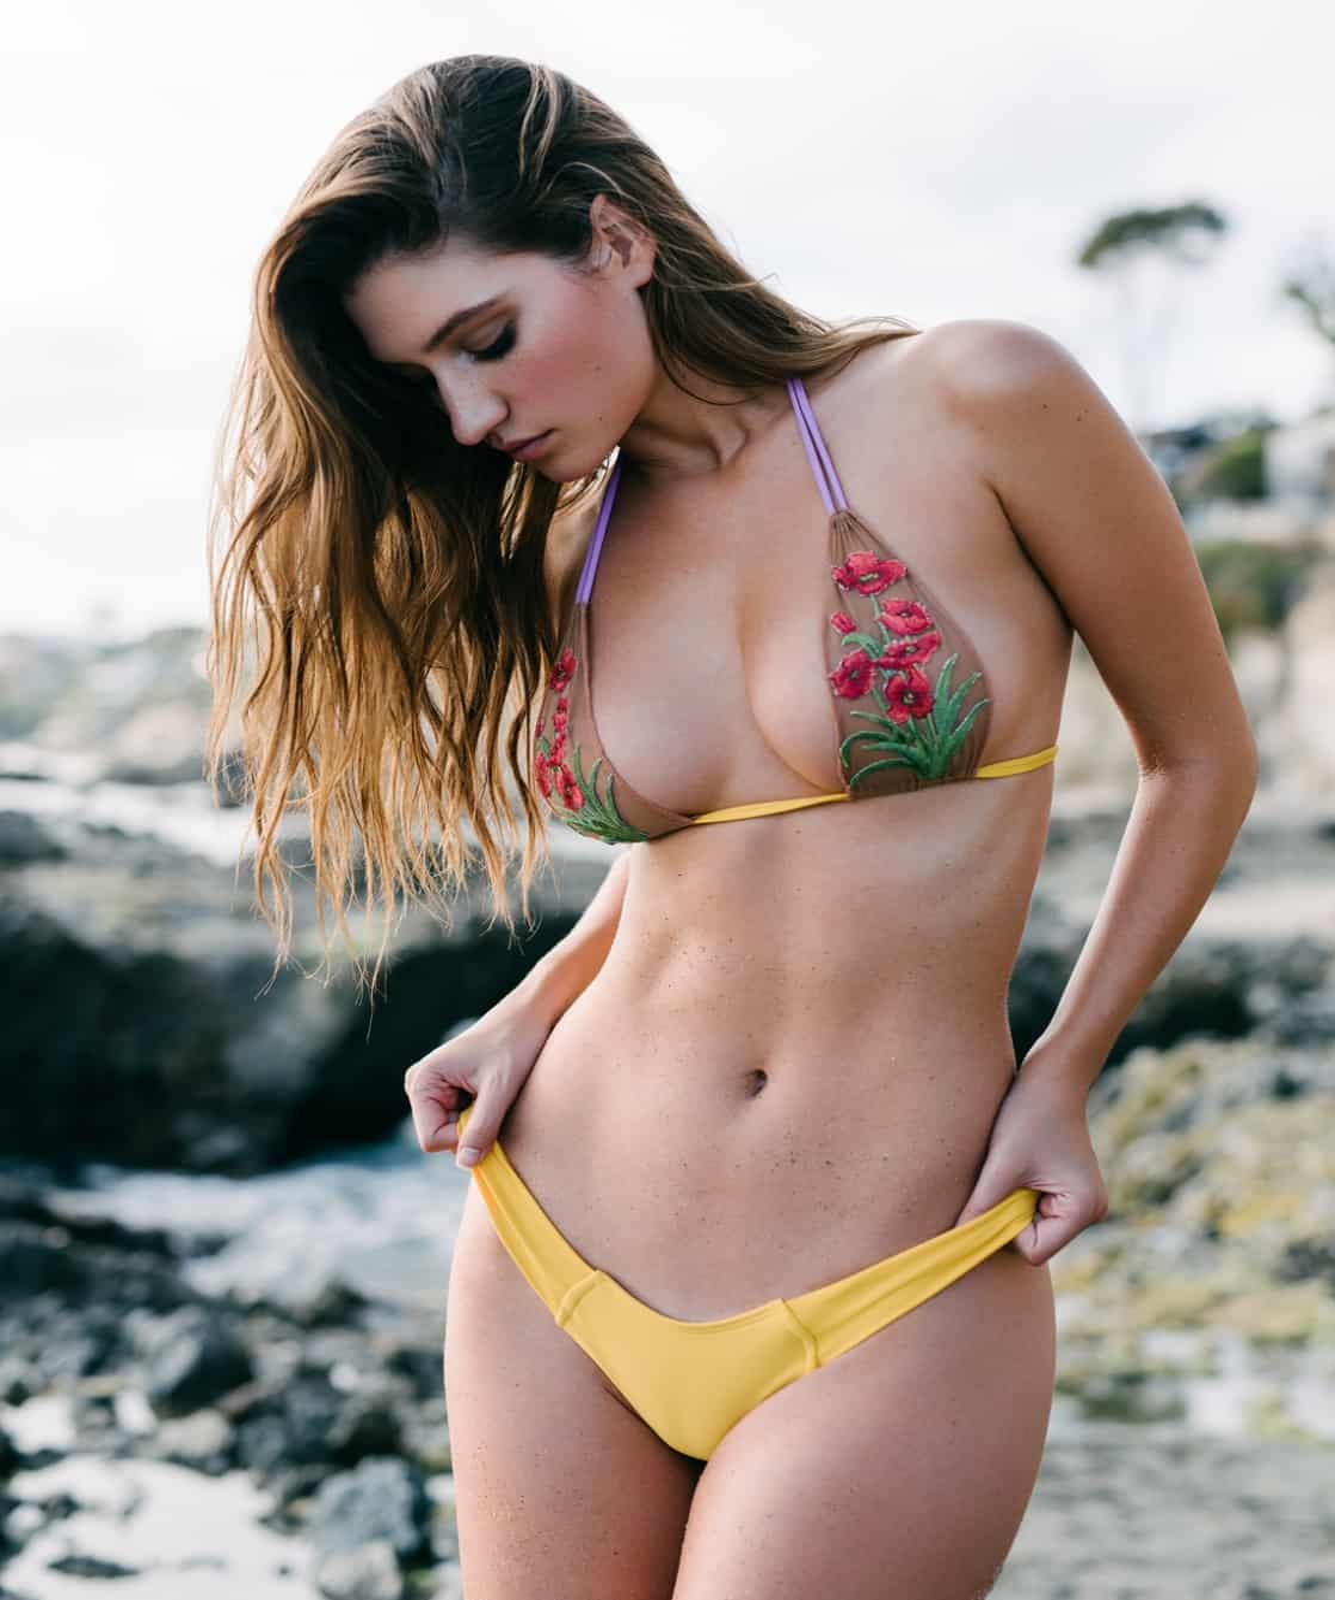 Behati prinsloo sexy topless 57 Photos,Erika marquez fotos filtradas Erotic videos Blanca Padilla. 2018-2019 celebrityes photos leaks!,Emily althaus